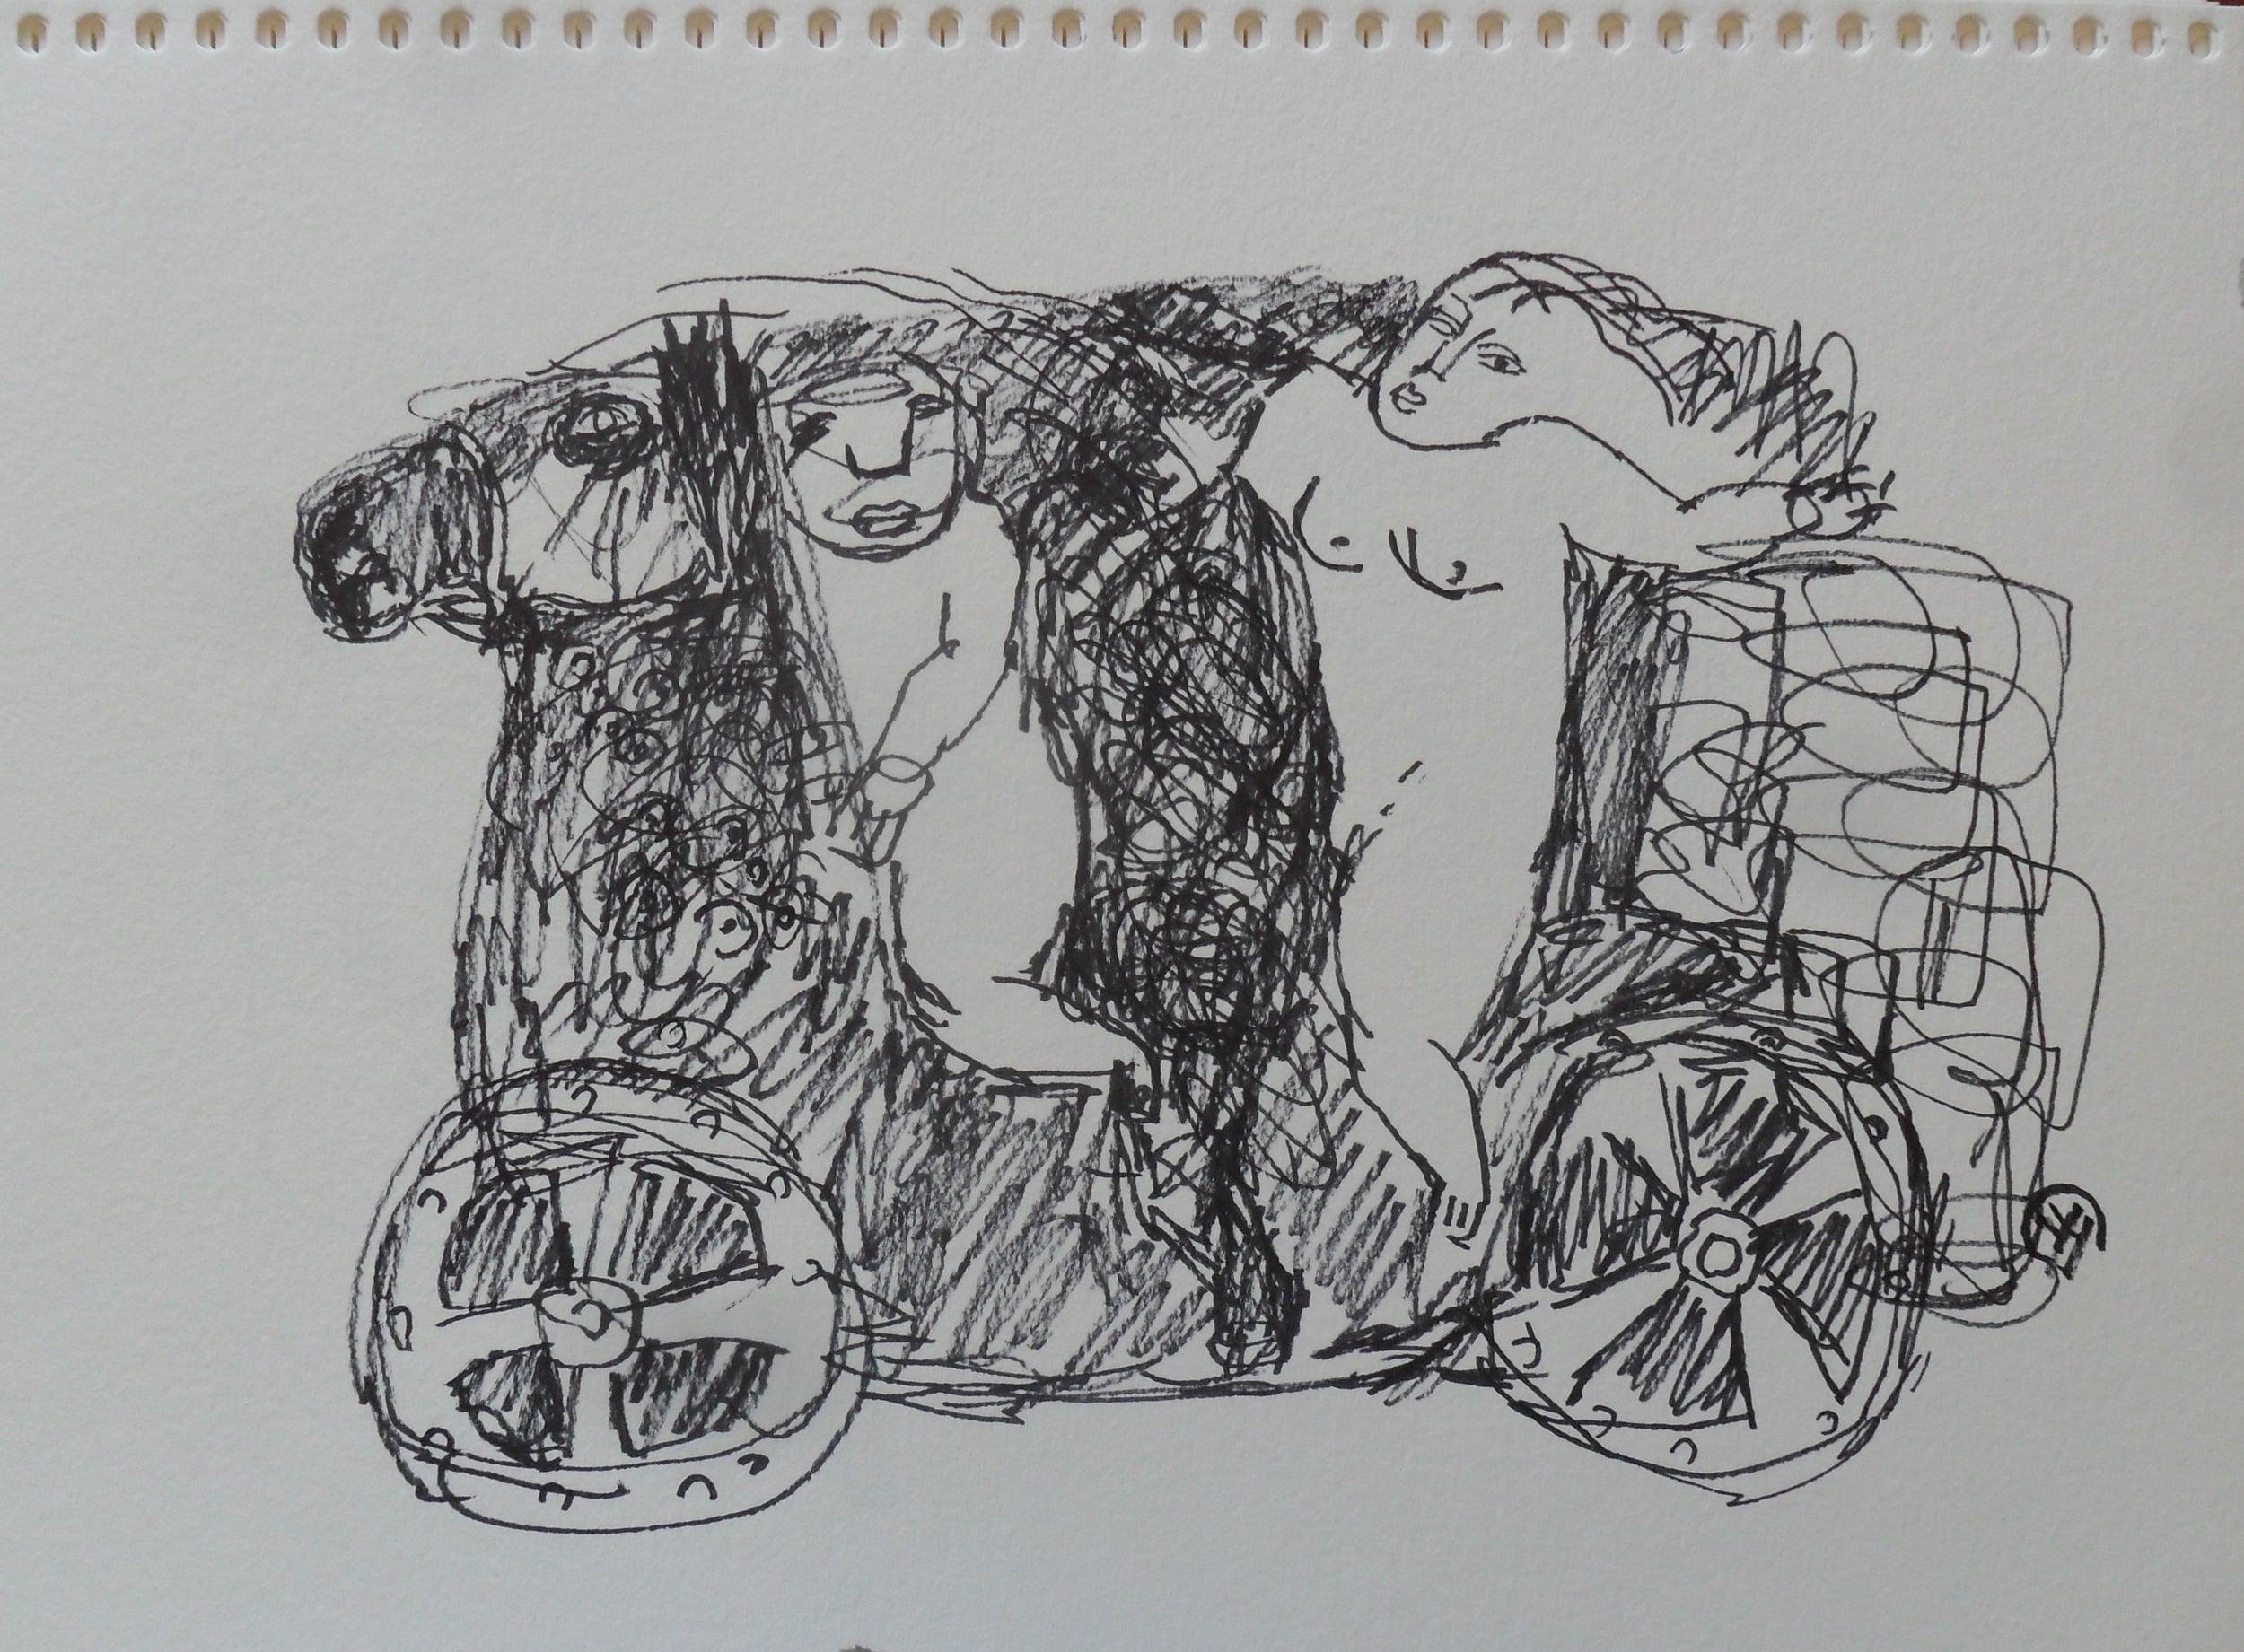 《现代罗汉图》#25纸本15x11英寸2010-2012.JPG